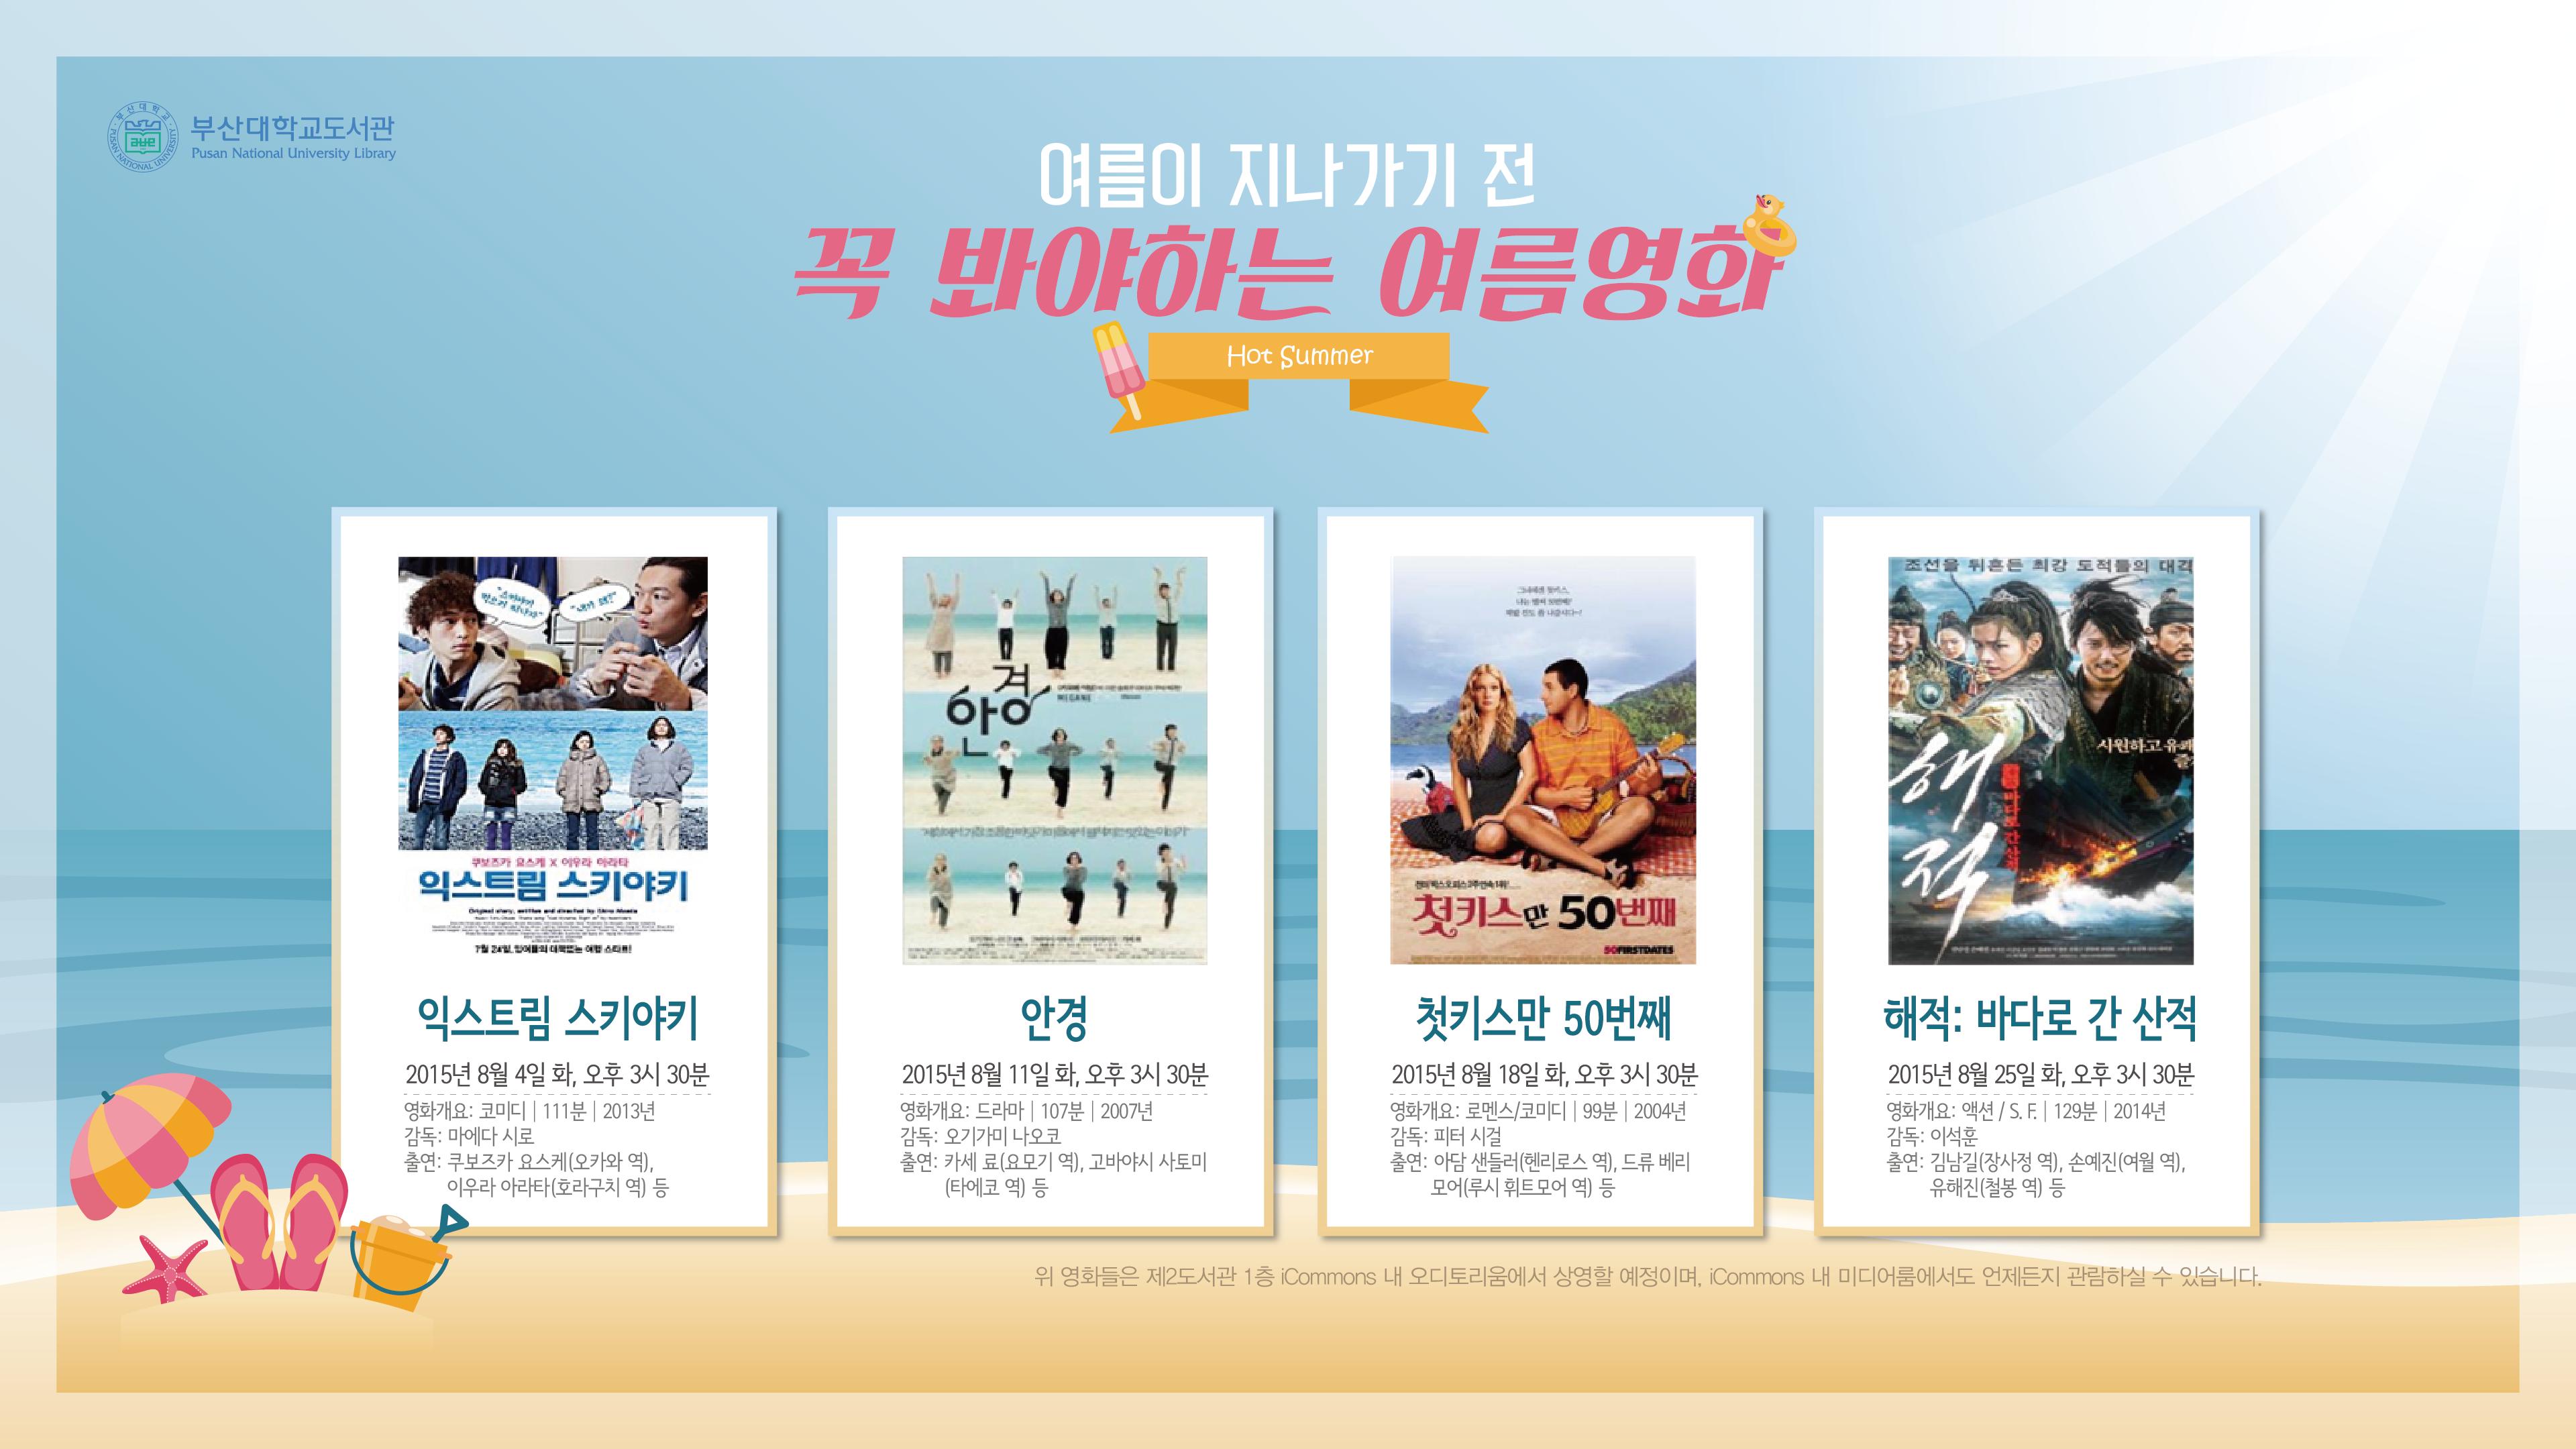 제2도서관 오디토리움 8월 영화상영 안내